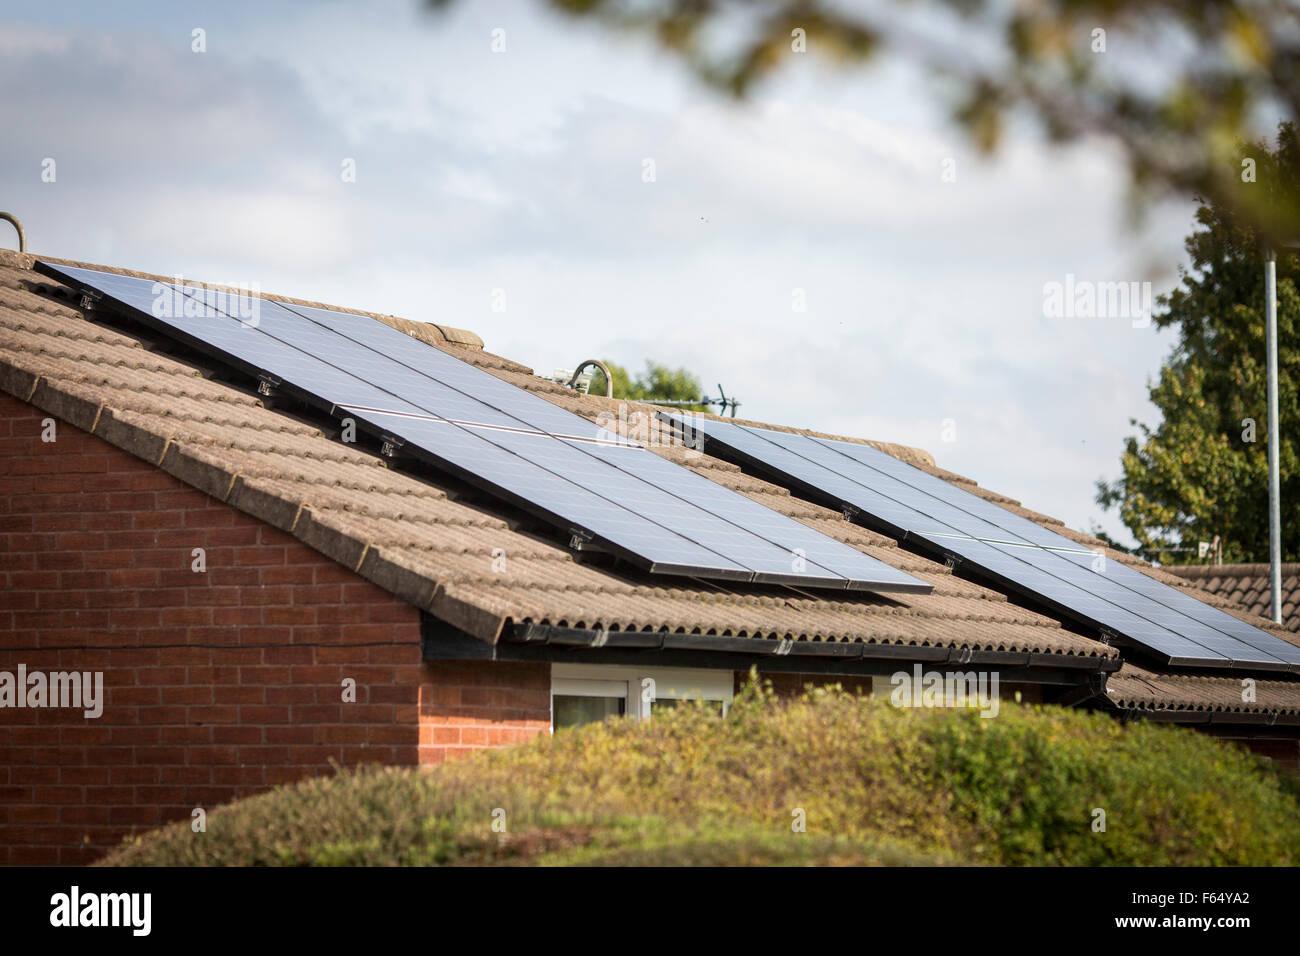 Panneaux solaires sur un toit Photo Stock